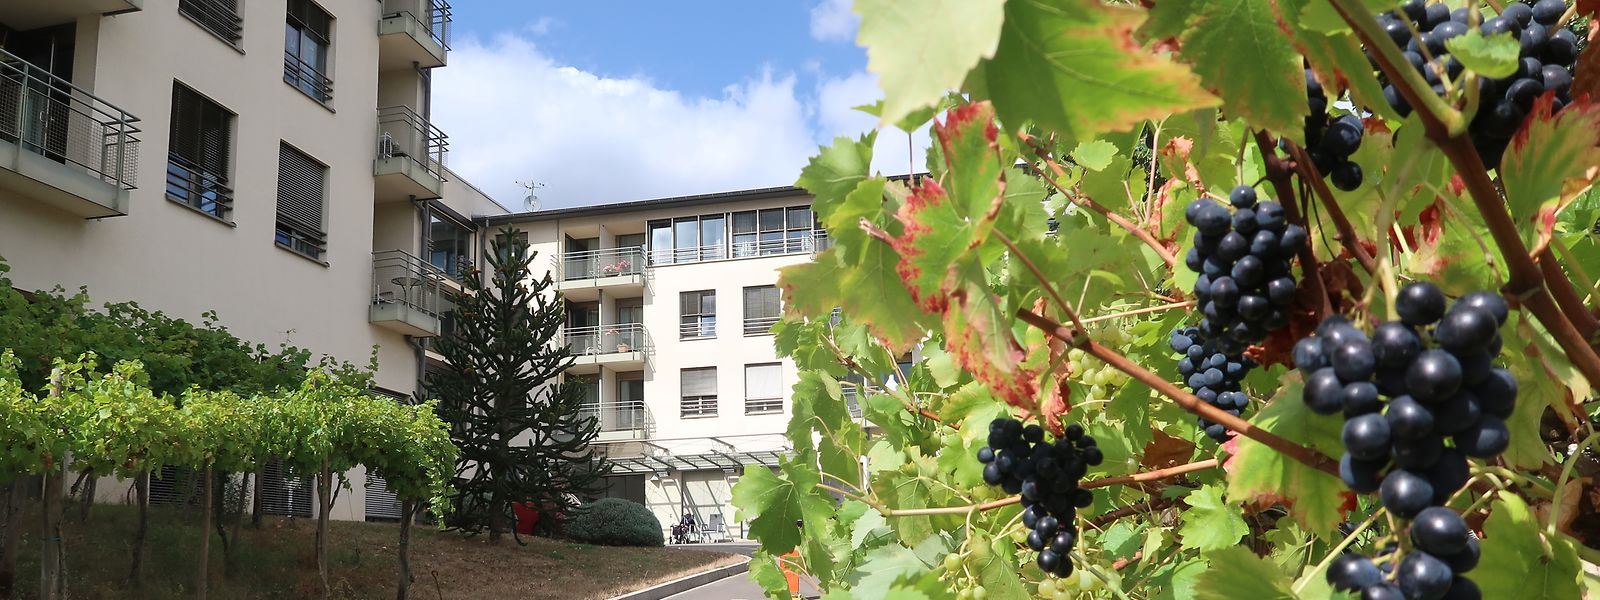 Das Altenheim mit Blick auf Weinberge und Mosel könnte bald in andere Hände wechseln.